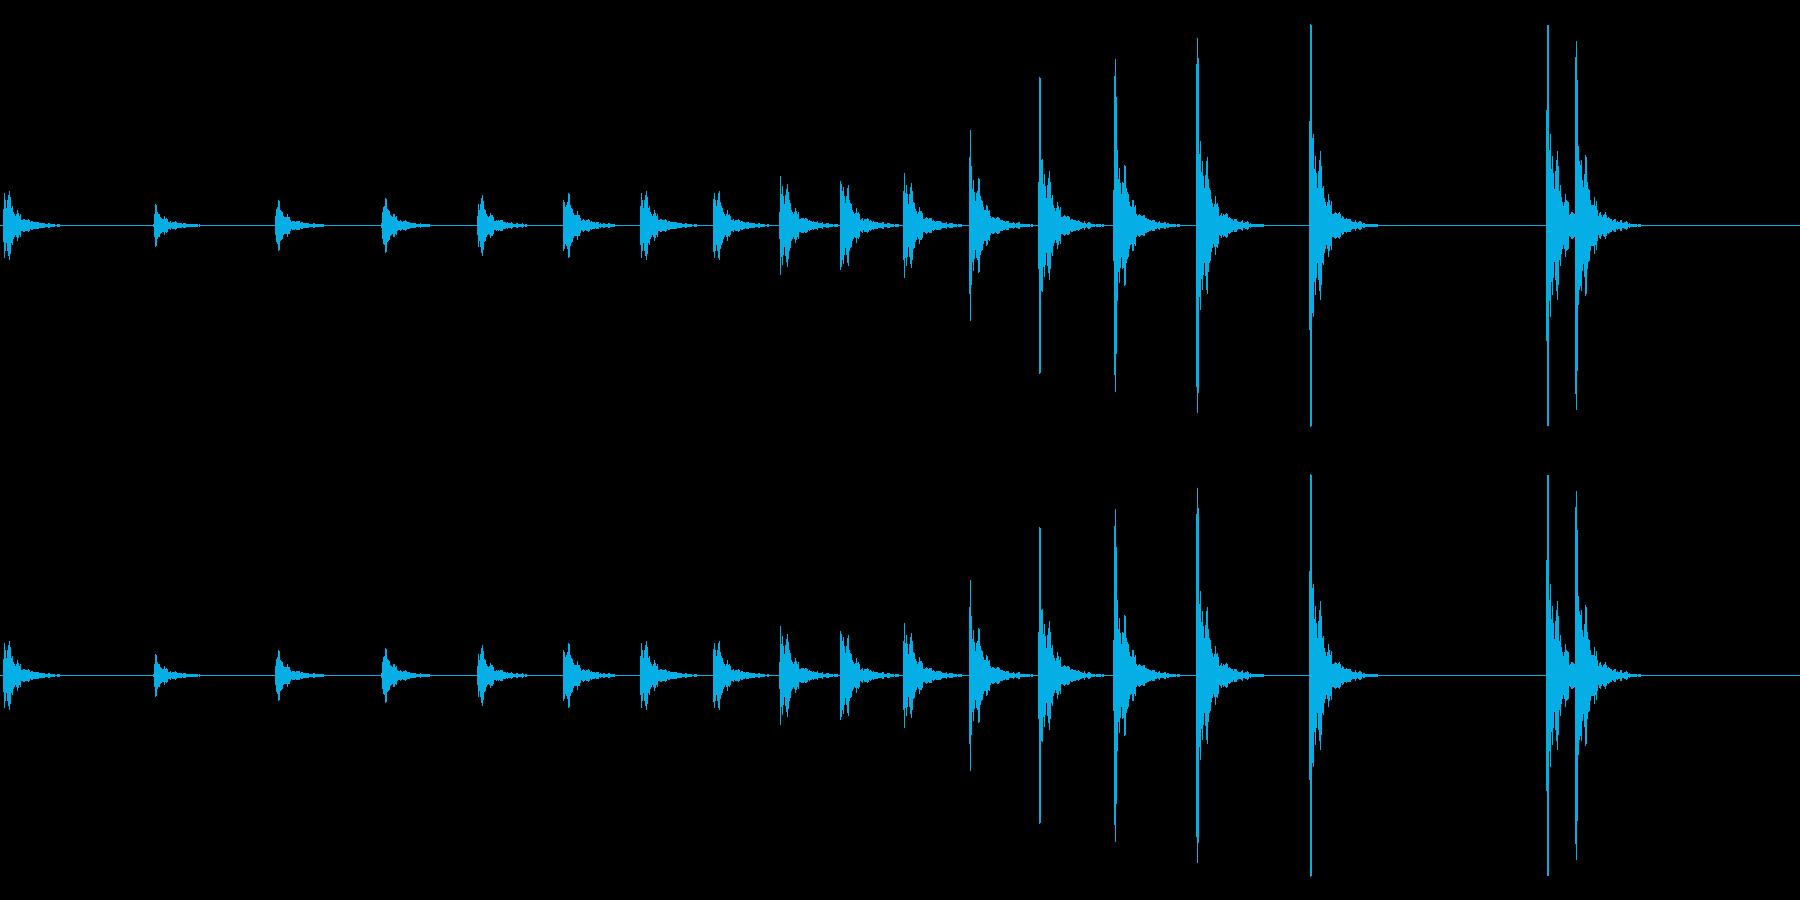 音侍「カン…」歌舞伎で使う拍子木の連打音の再生済みの波形